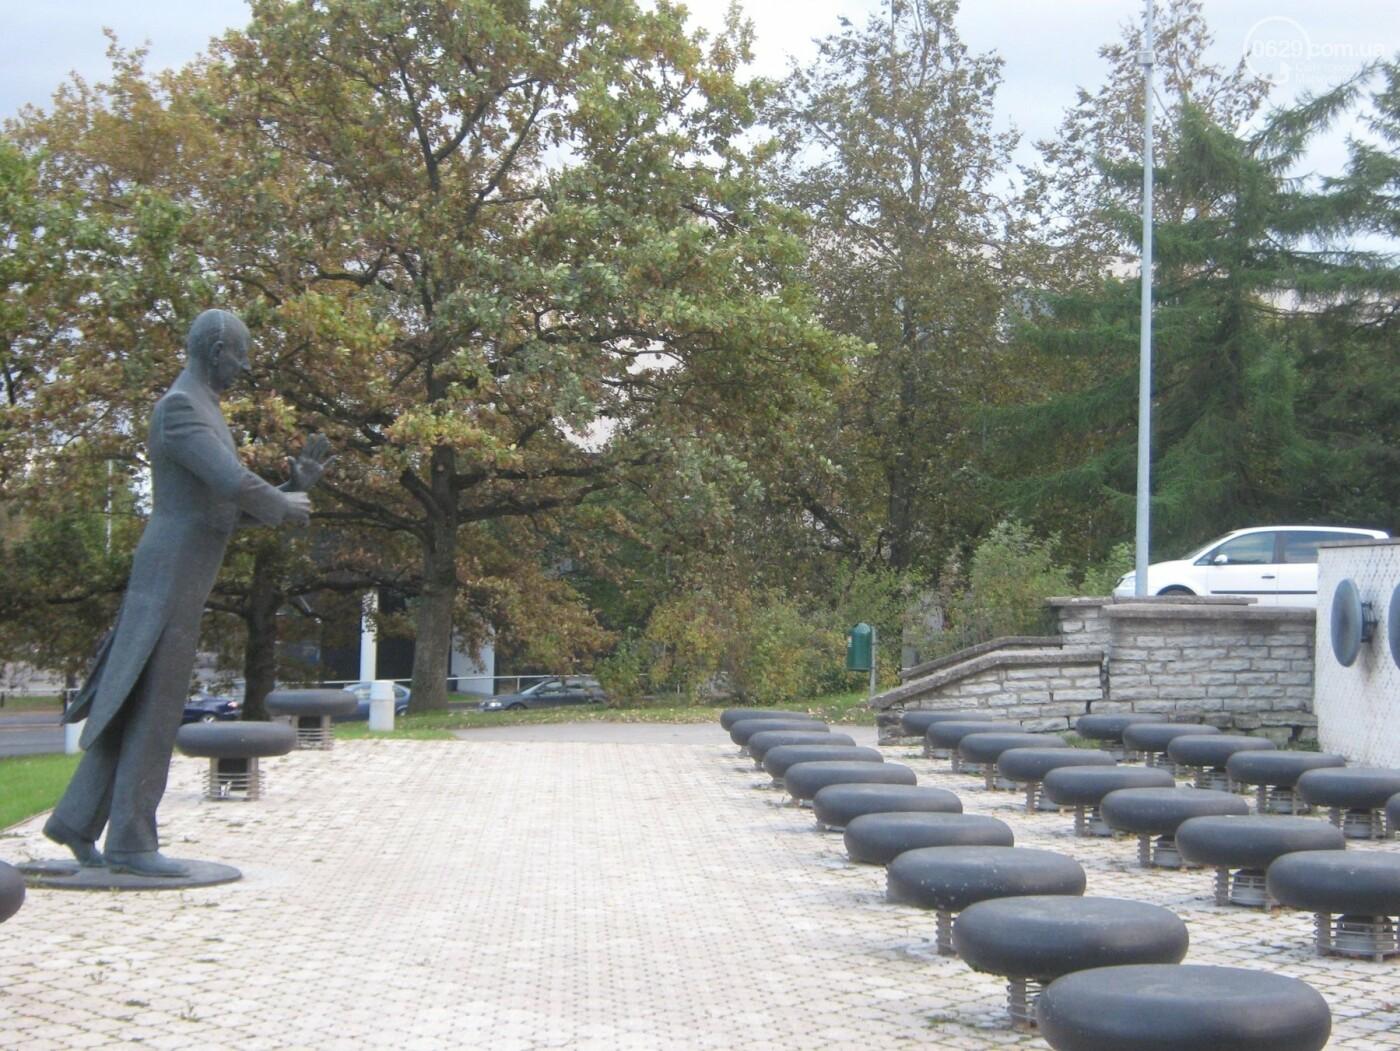 Иностранцы скрываются в Мариуполе от алиментов. Тревел стори с Сергеем Коссе. Тарту, - ФОТО, фото-13